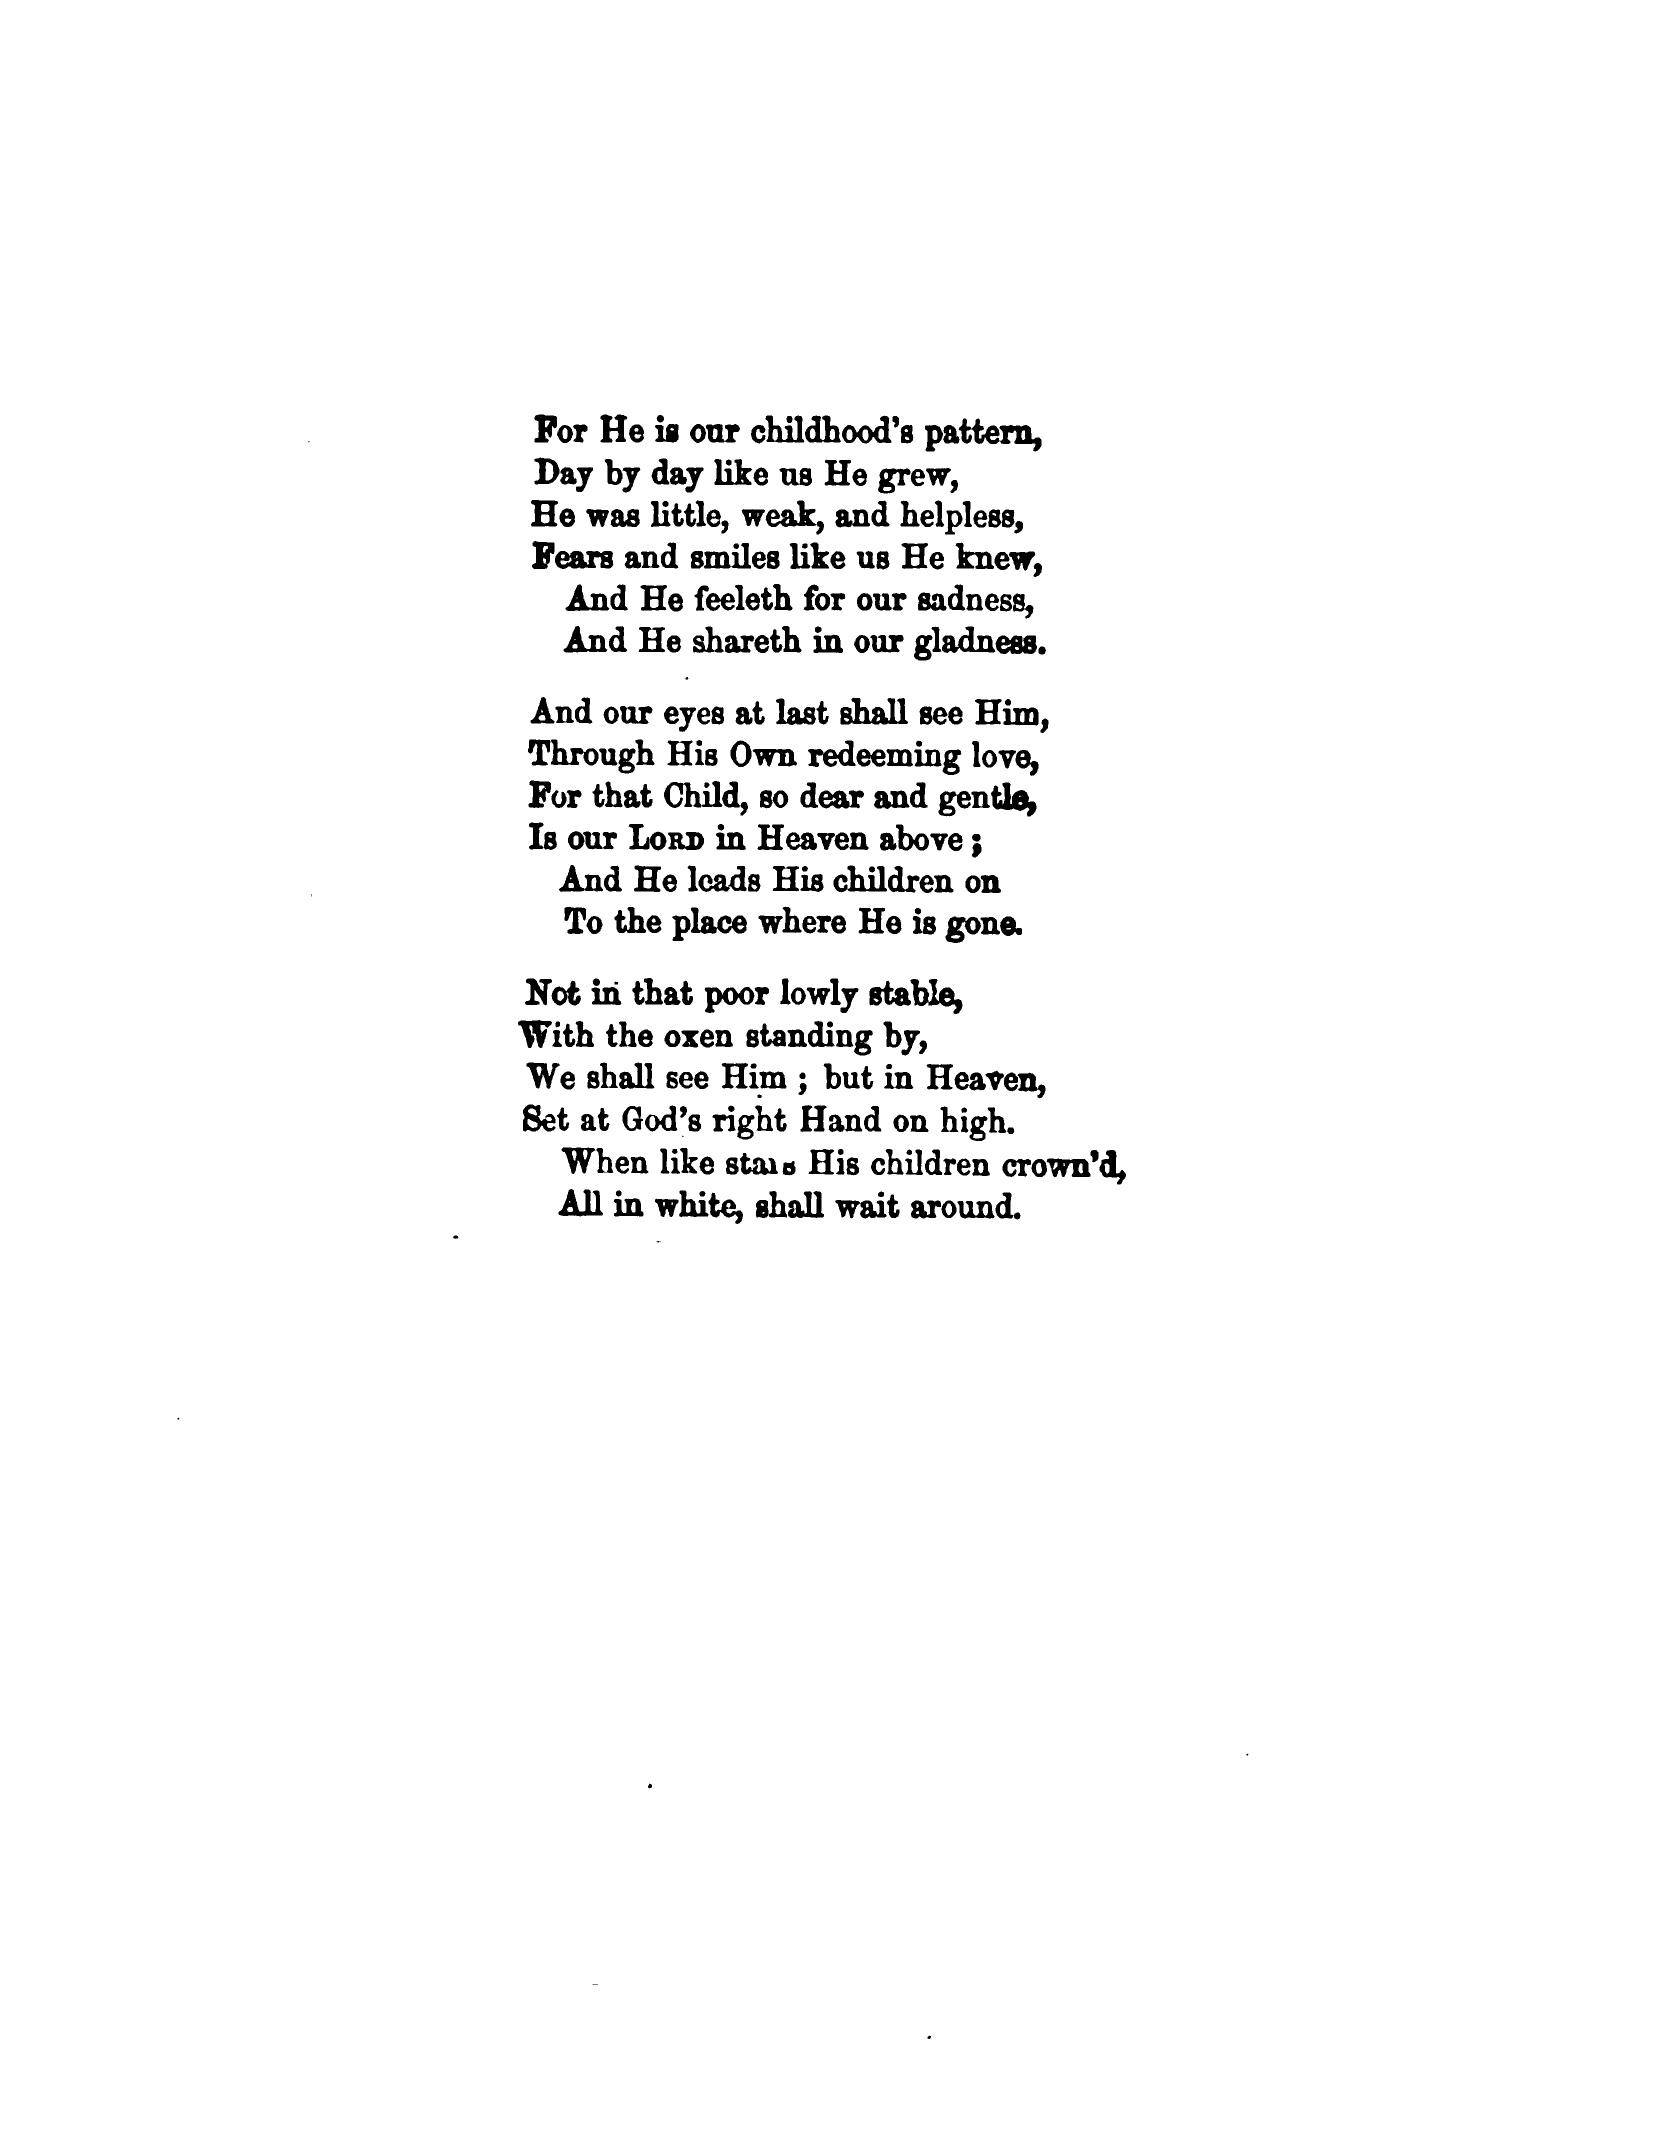 Alexander-HymnsforLittleChildren_1872-Gauntlett 20.jpg